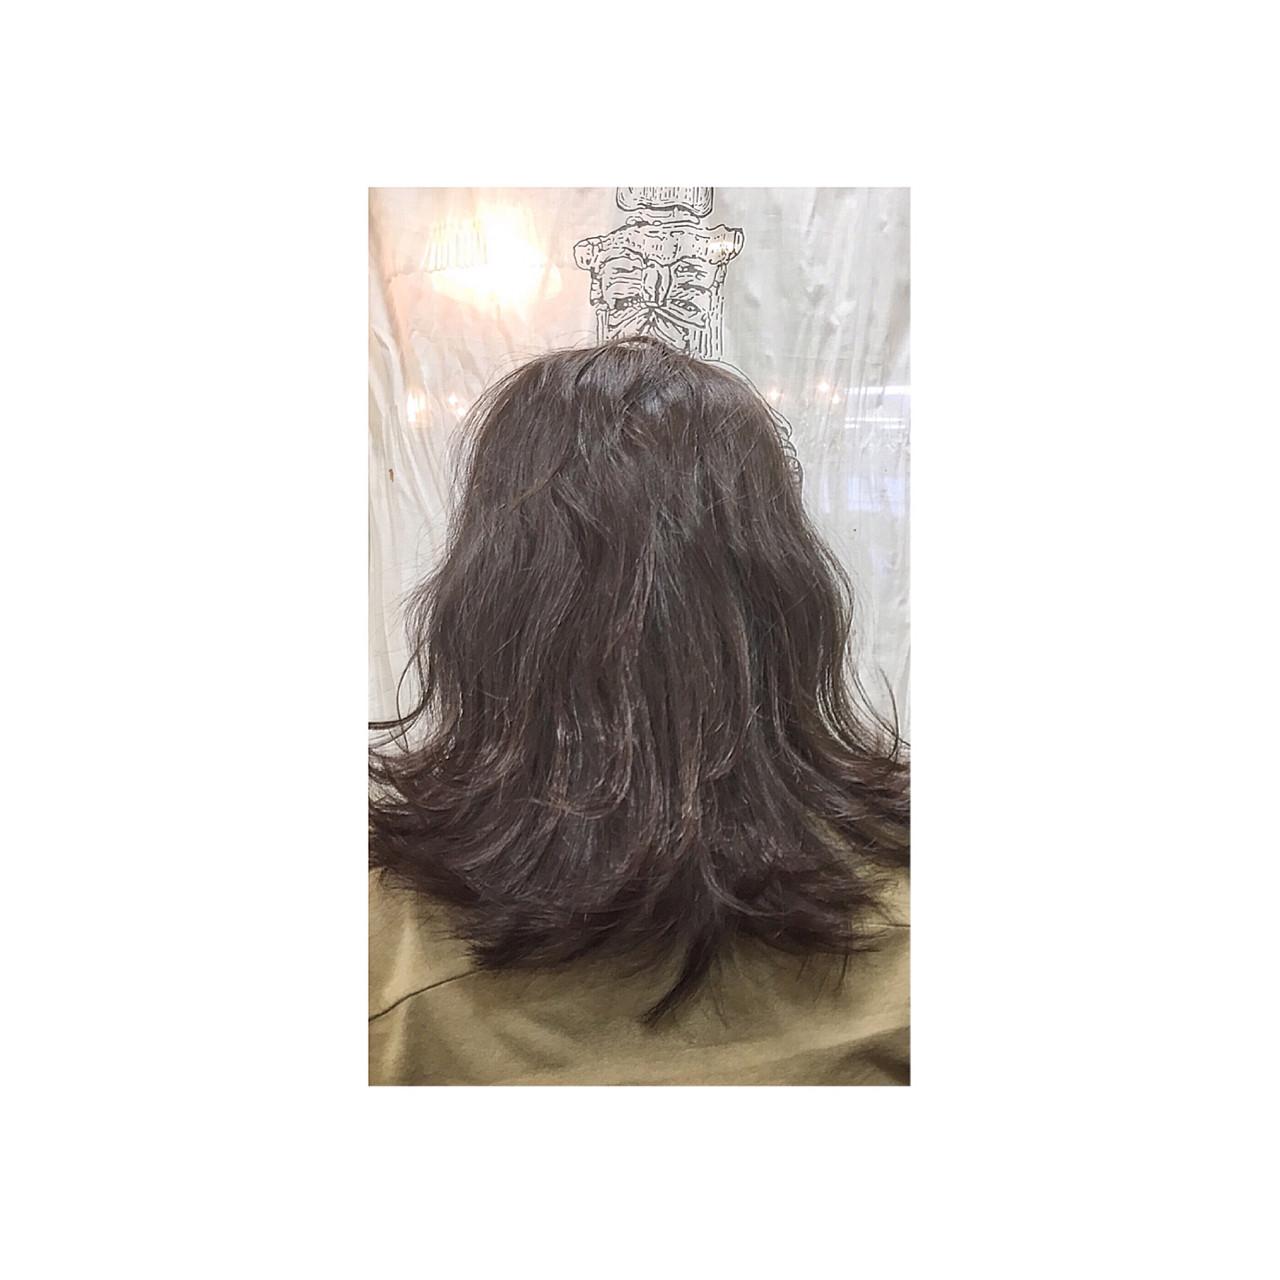 外国人風 ミディアム ボブ アッシュ ヘアスタイルや髪型の写真・画像